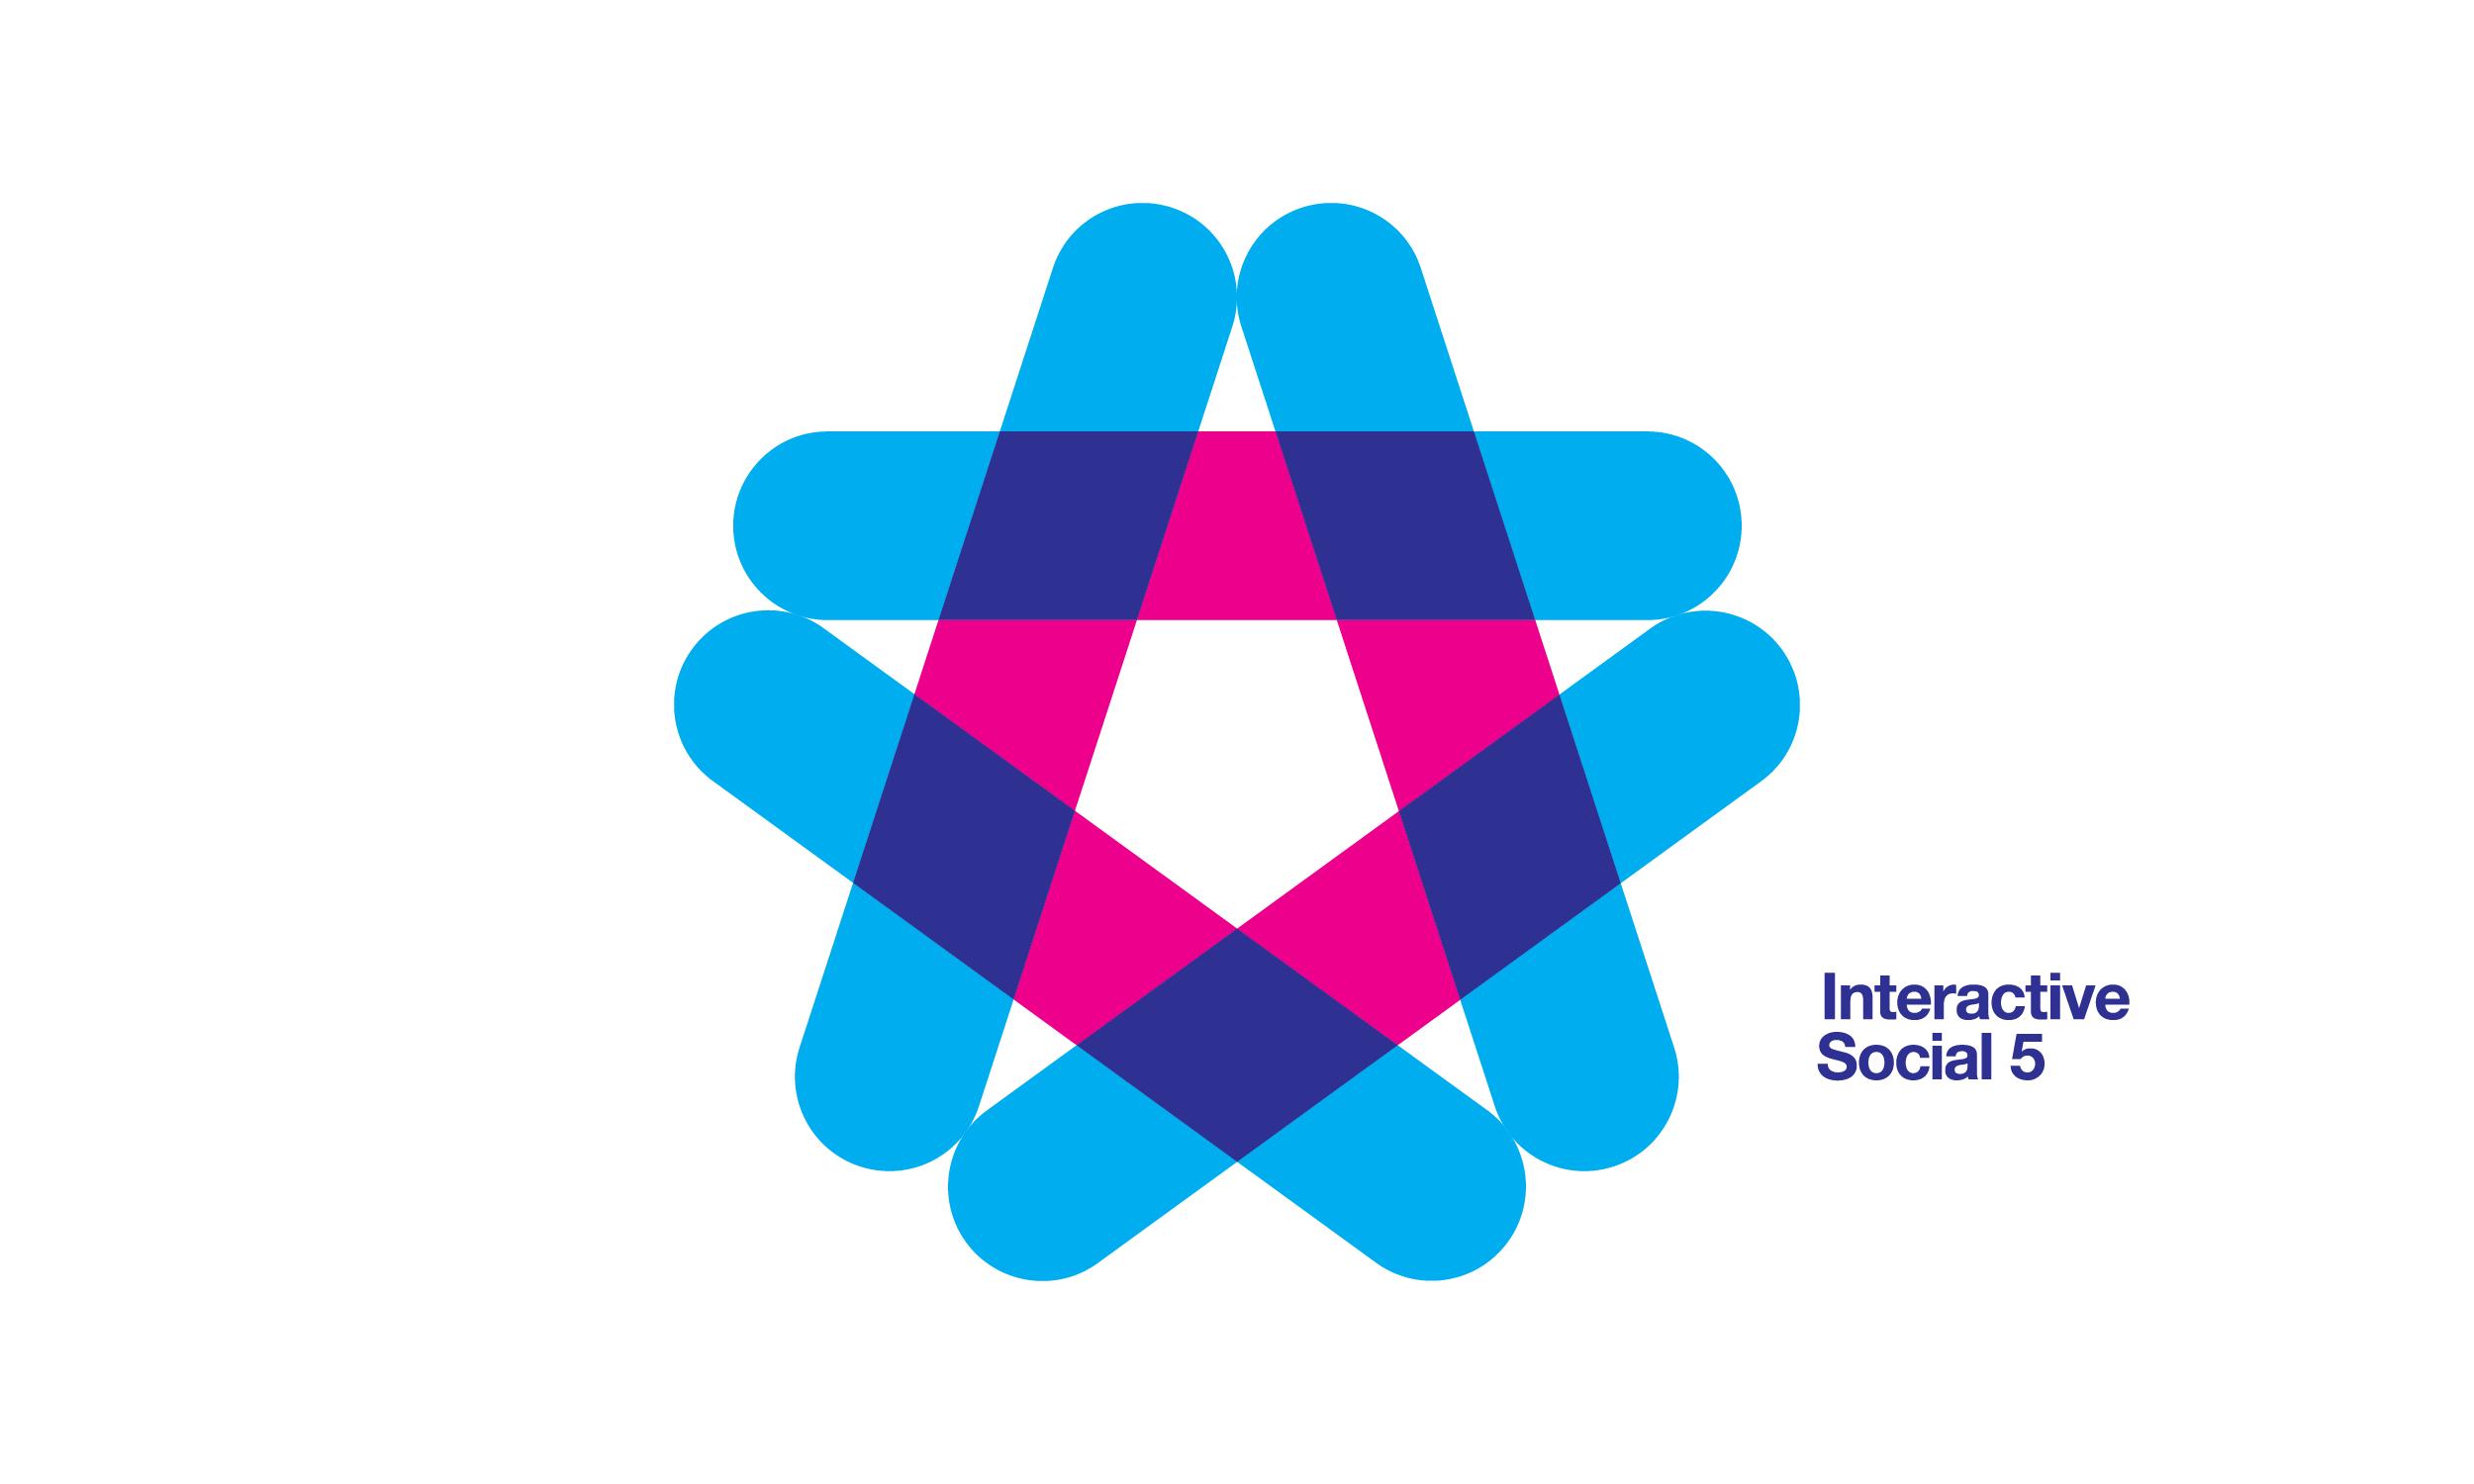 Interactive Social 5